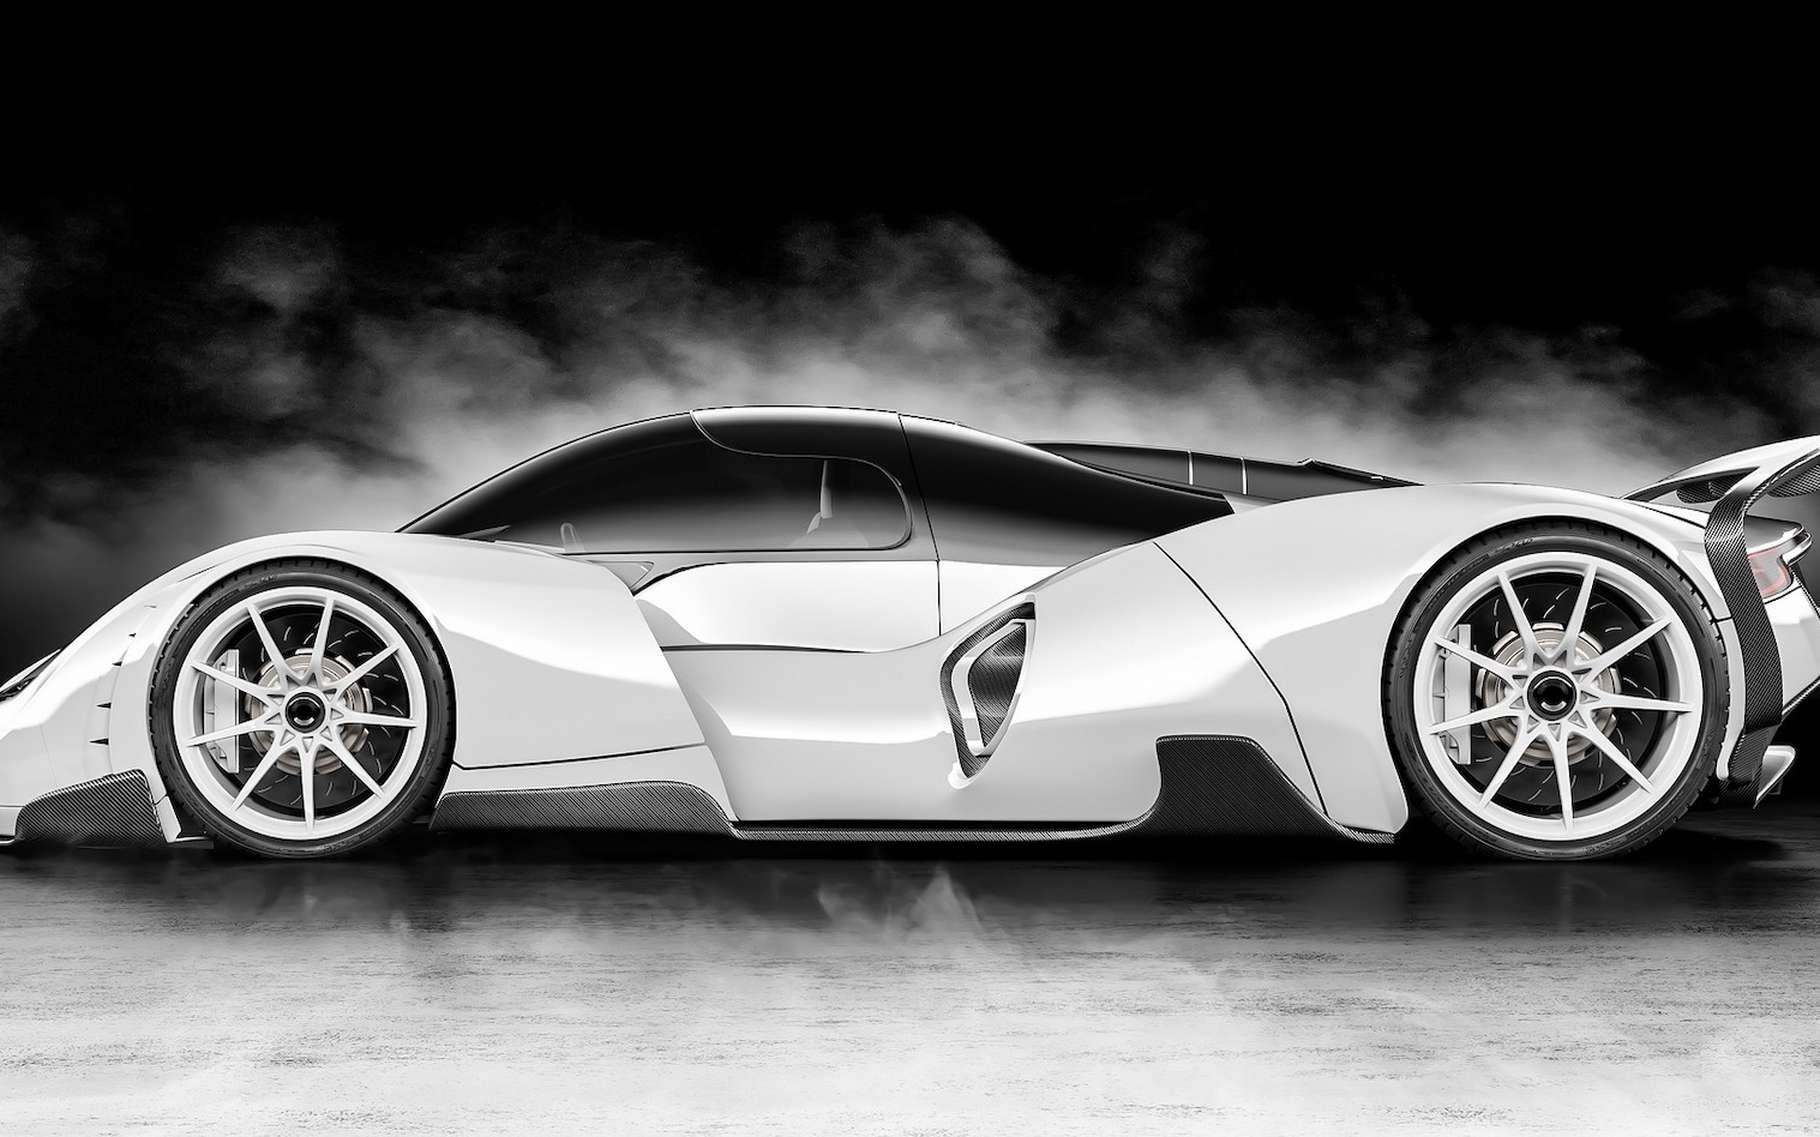 La voiture du futur devrait faire la part belle aux matériaux composites. © LeeRosario, Pixabay License